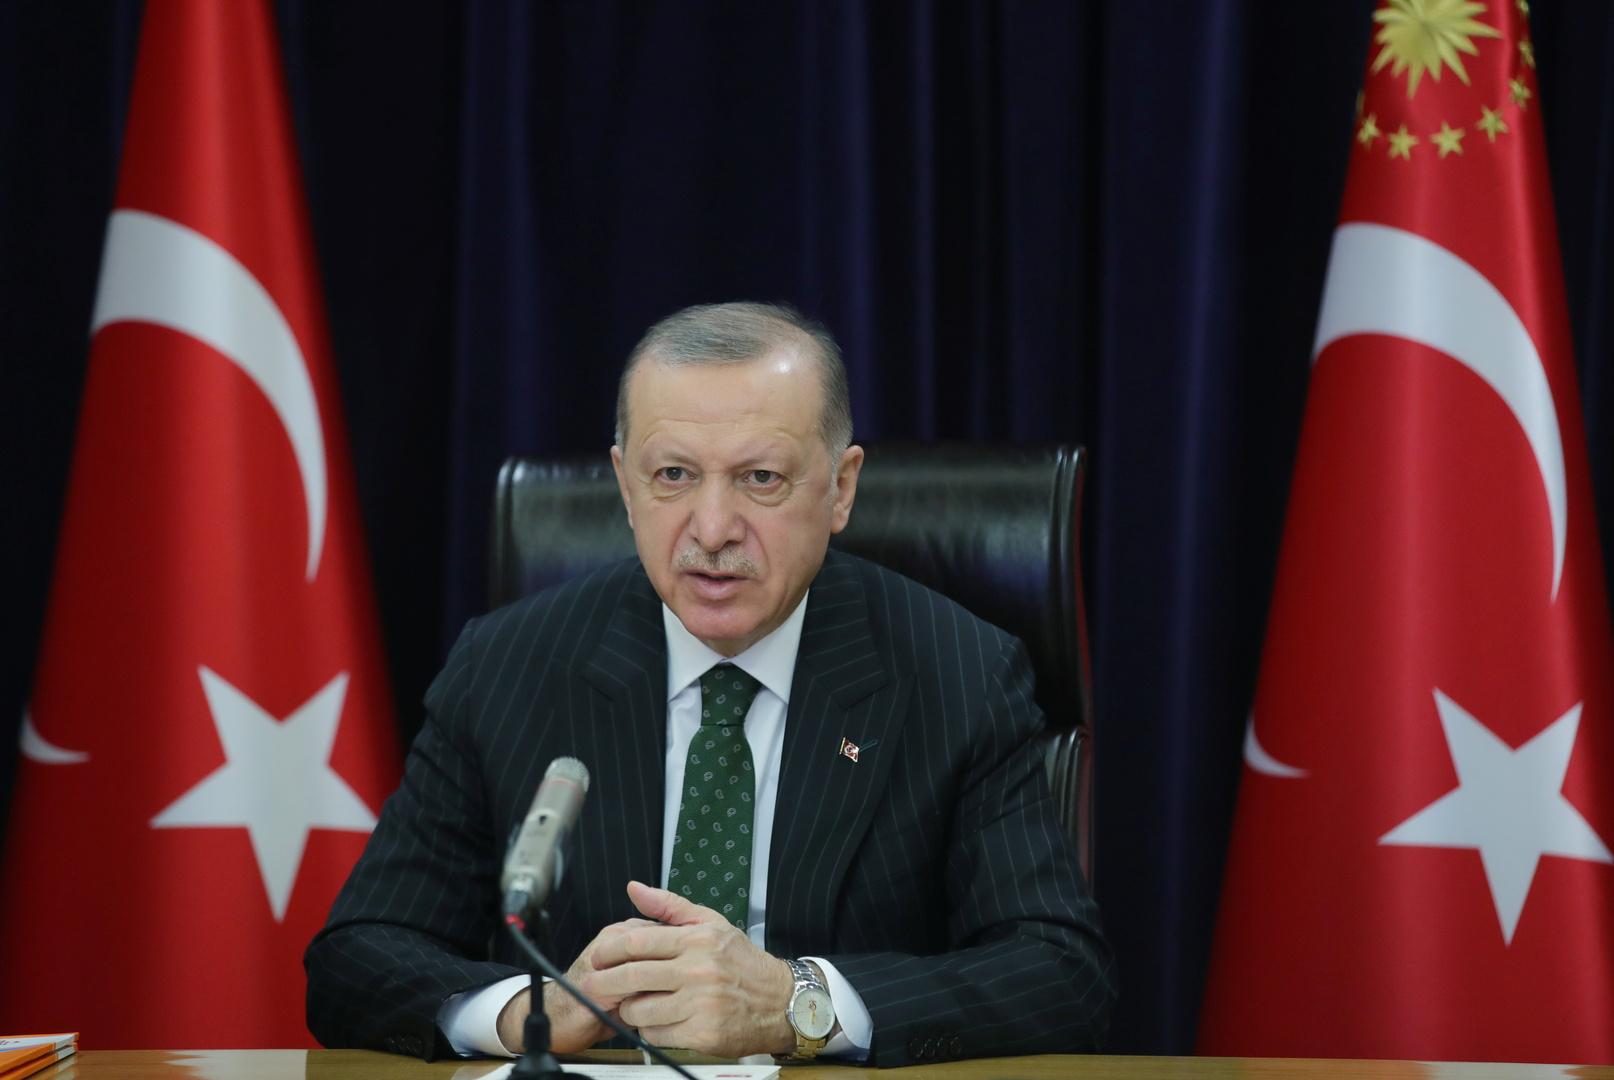 أردوغان: إحباط الانقلاب عنوان لانتصار الحق